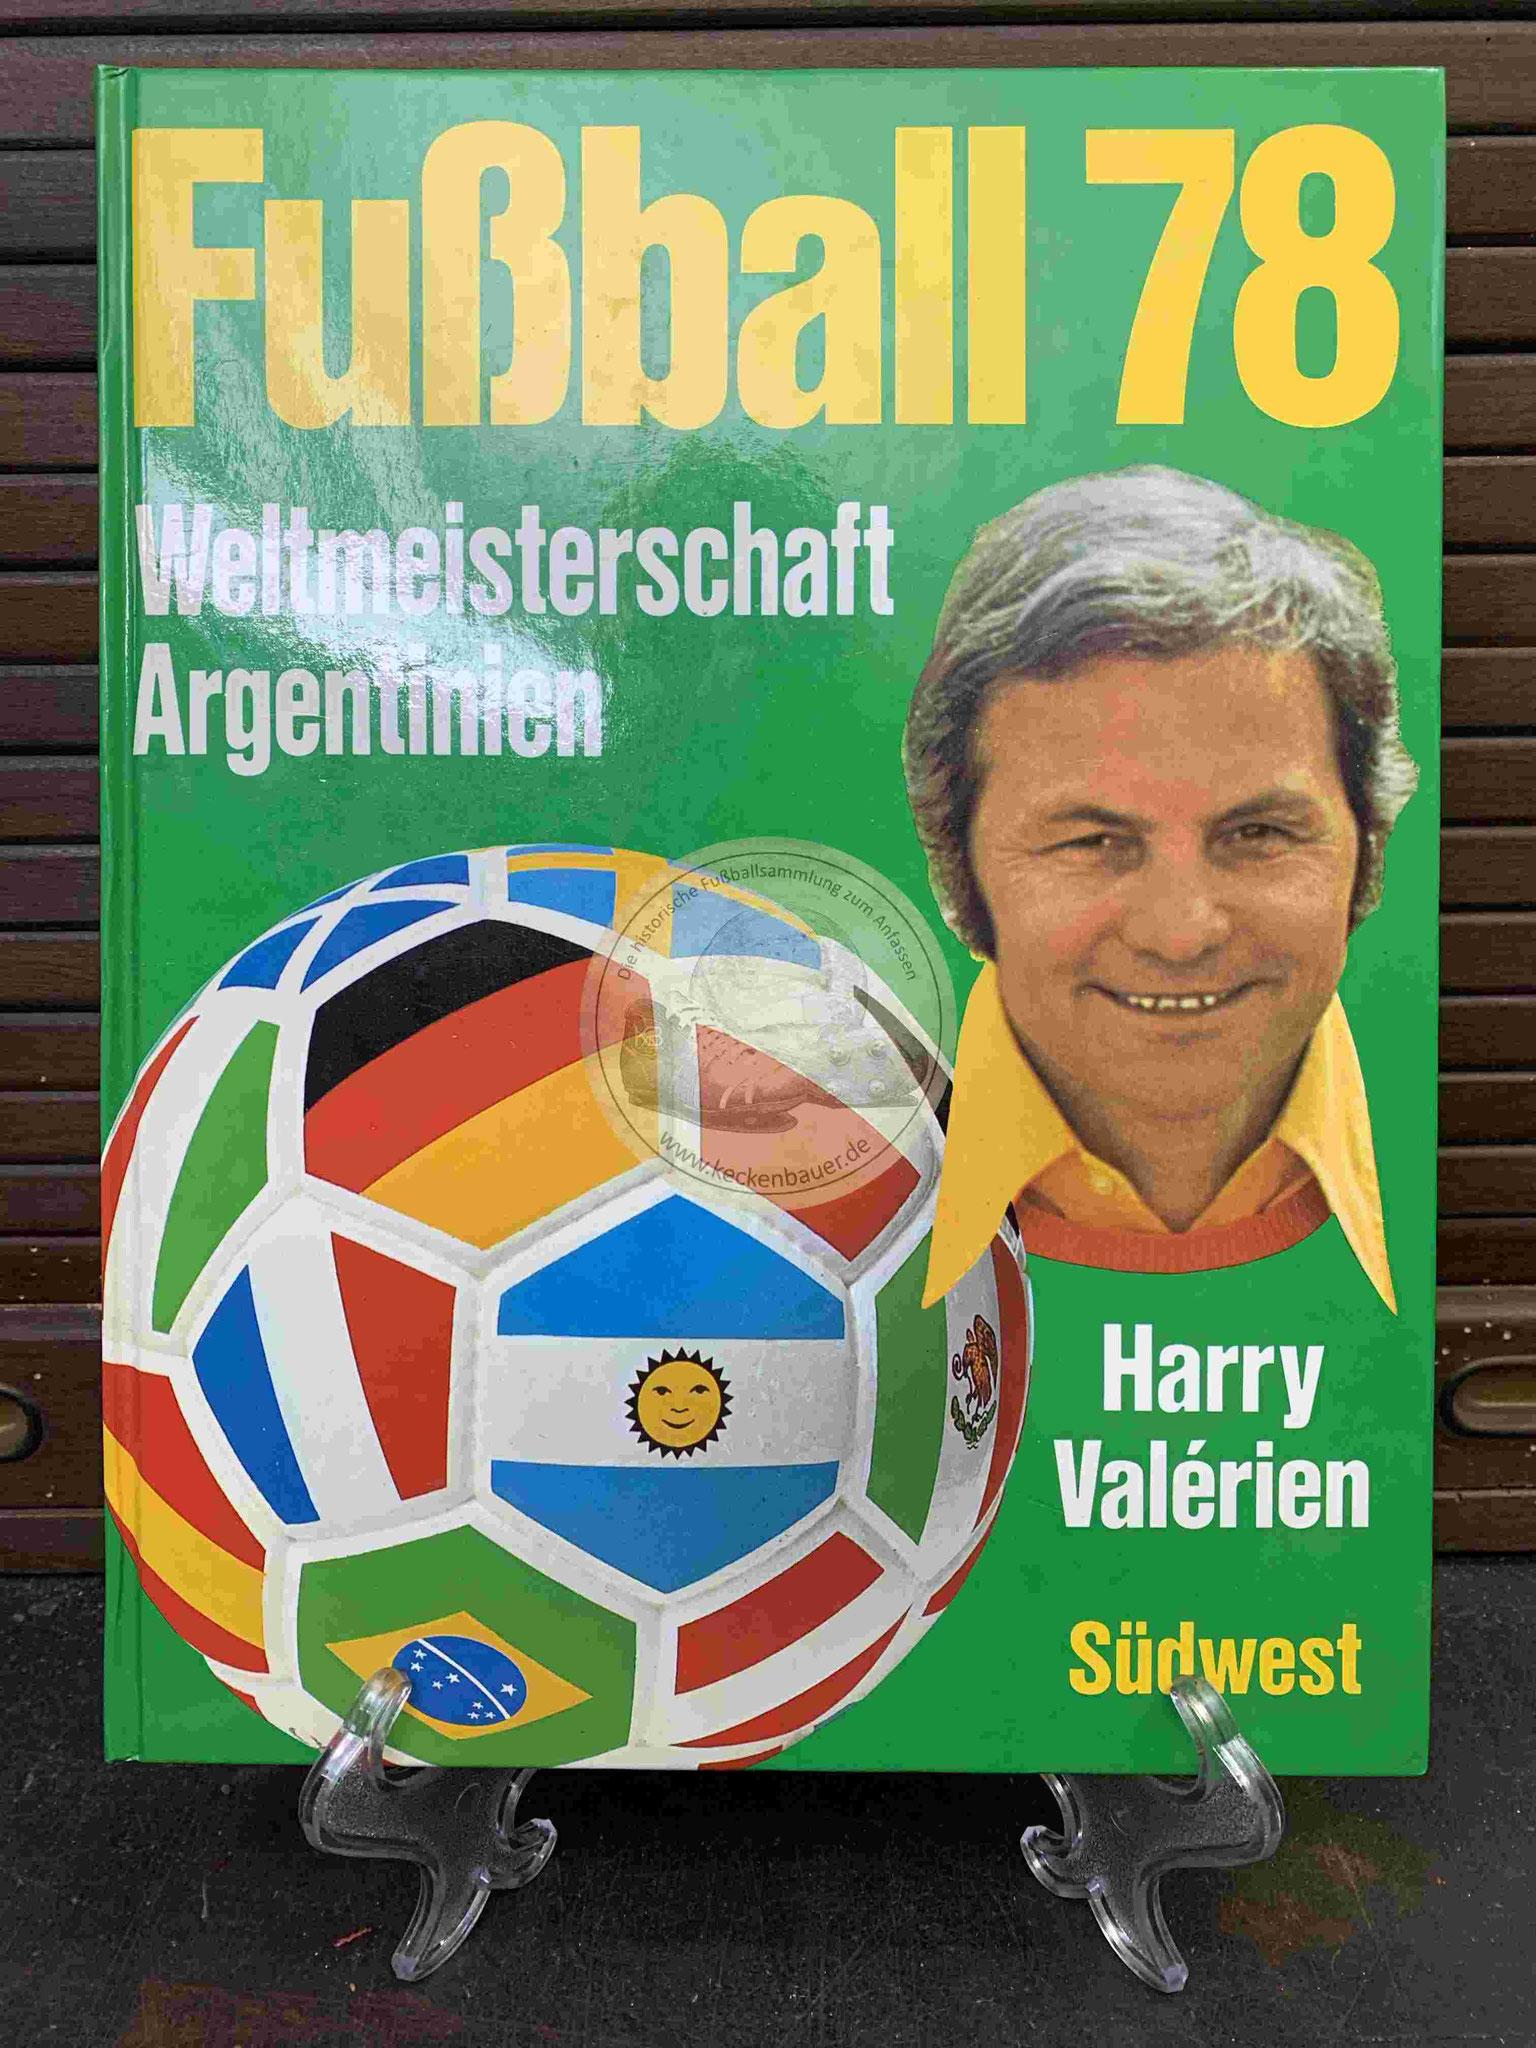 Harry Valerien Fußball 78 Weltmeisterschaft Argentinien aus dem Jahr 1978